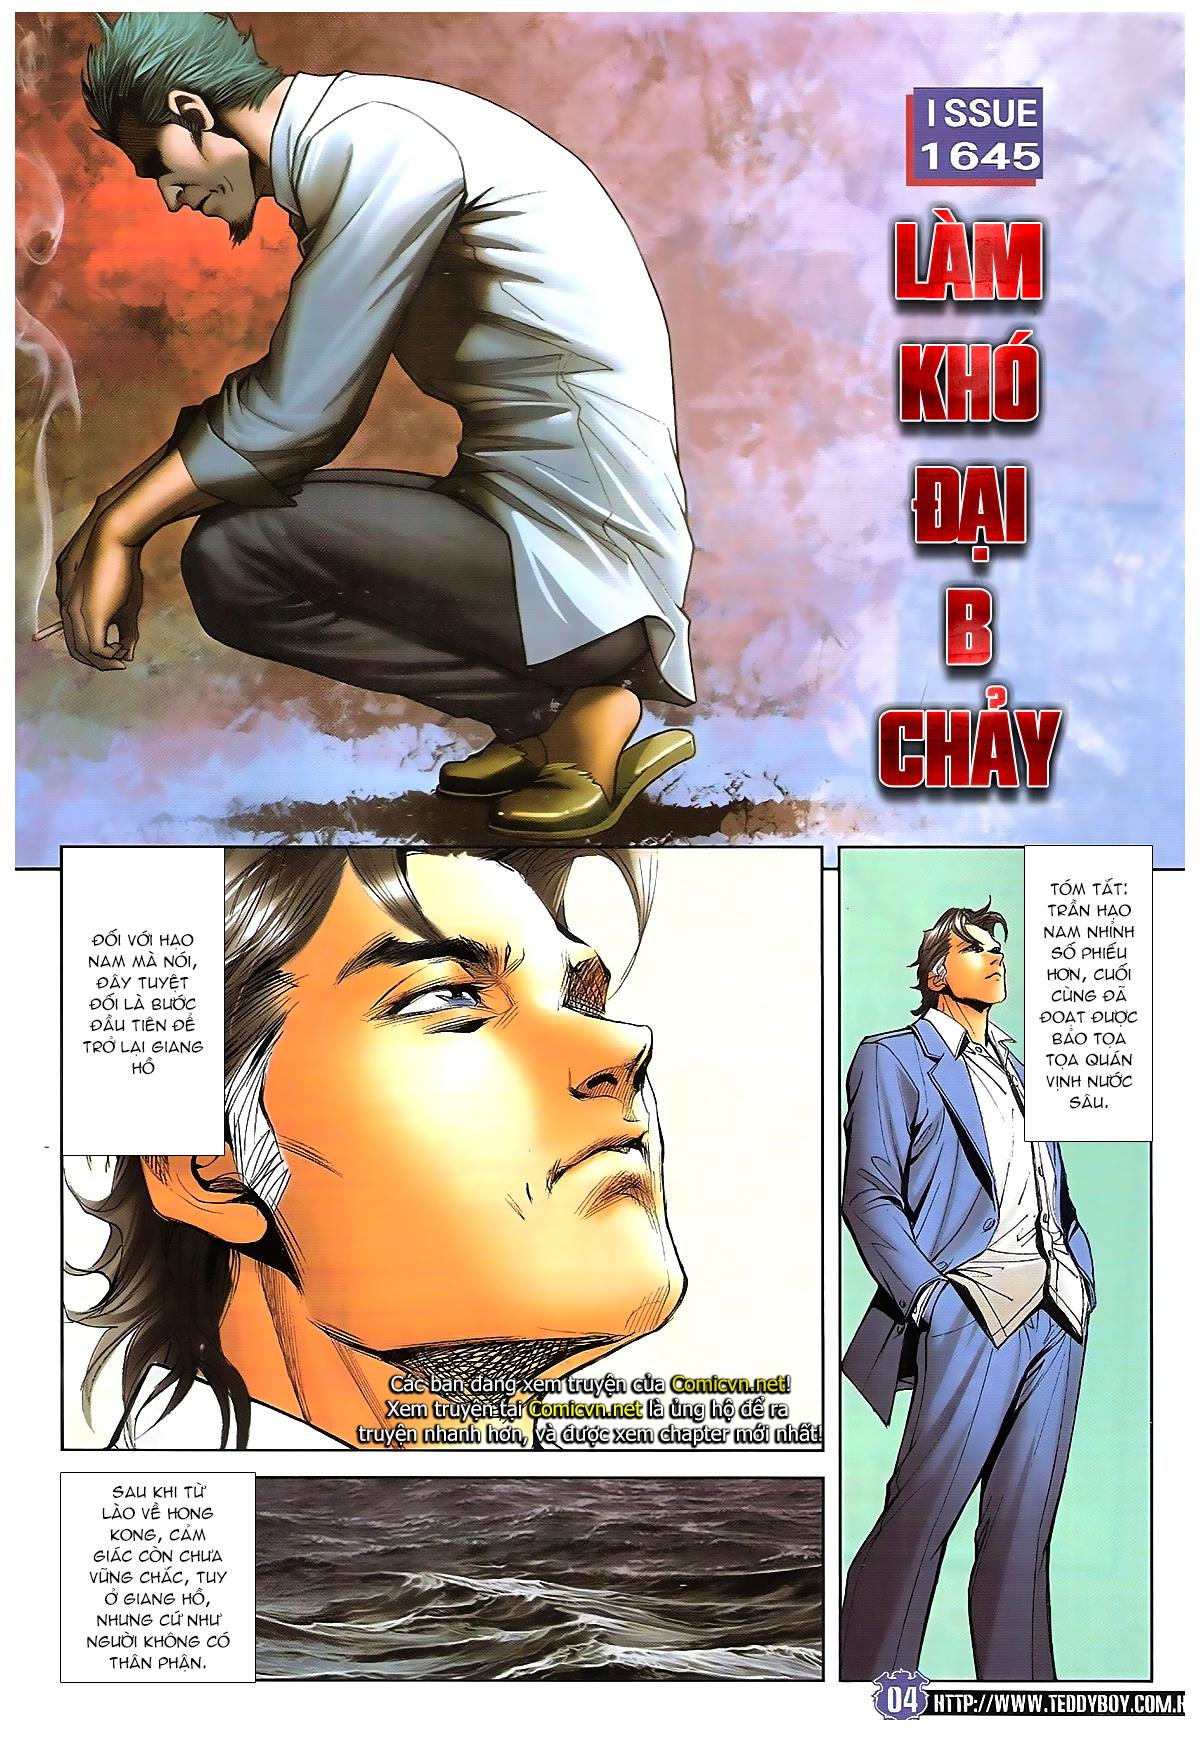 Người Trong Giang Hồ chapter 1645: làm khó đại b chảy trang 2